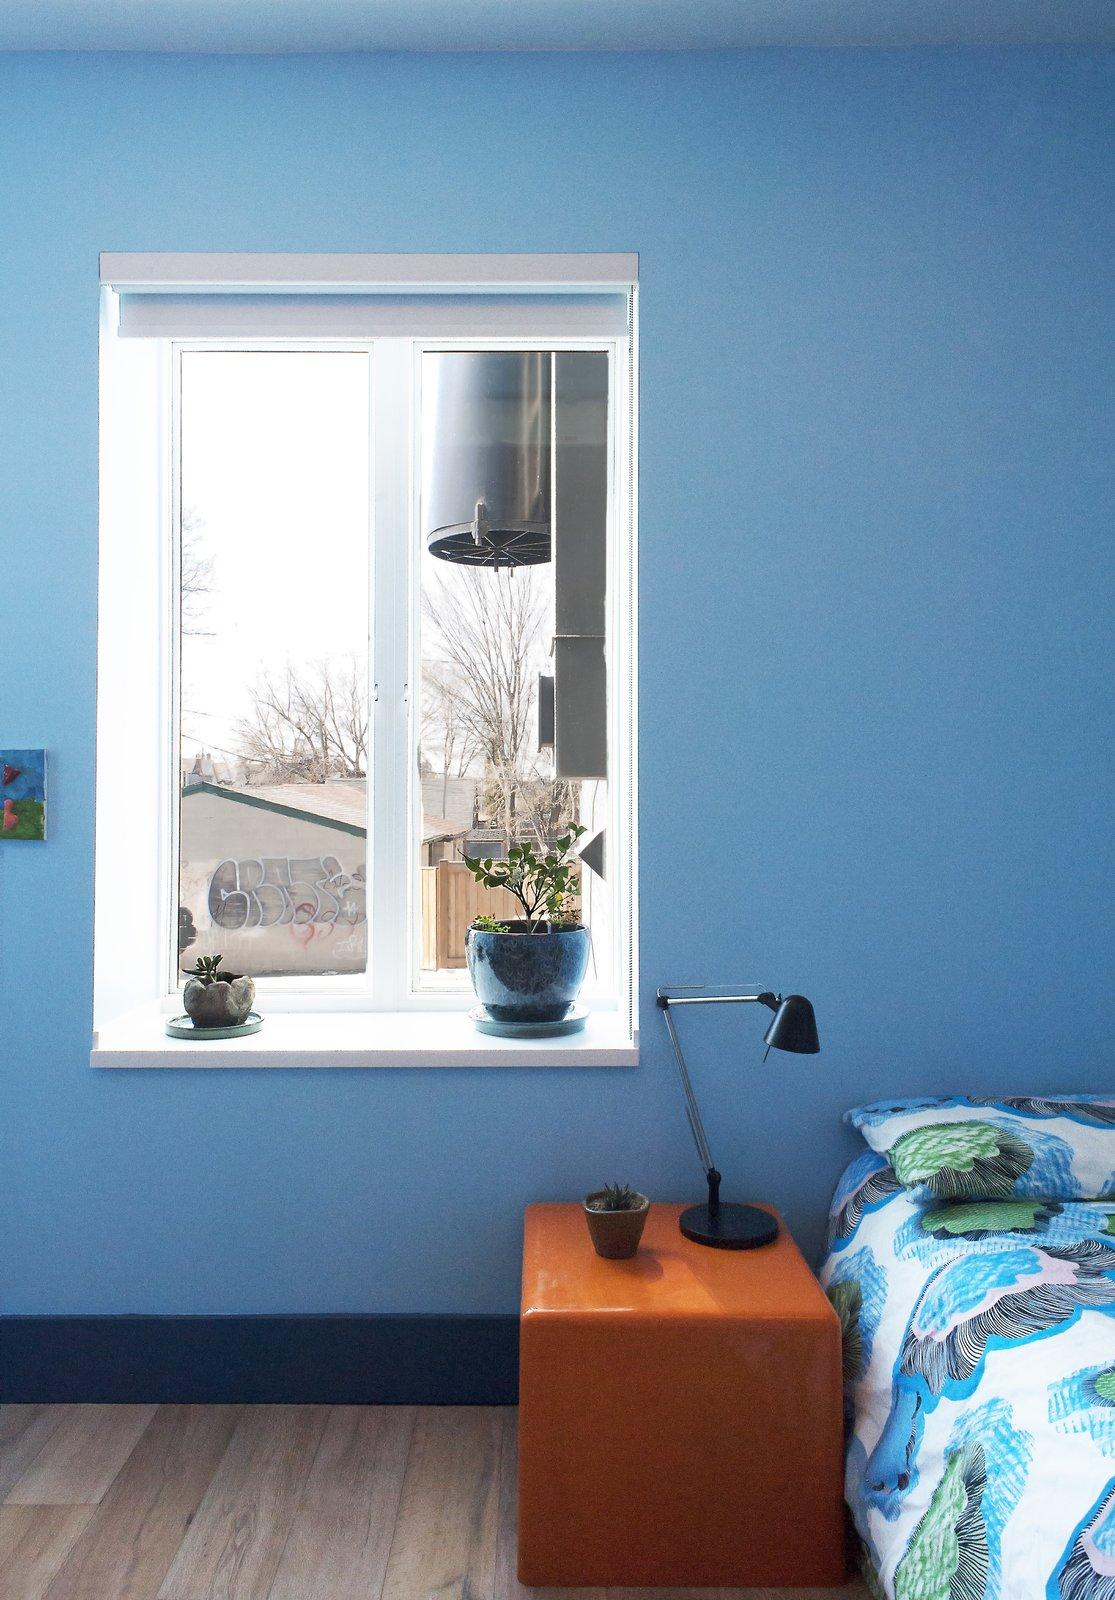 Bedroom, Night Stands, Storage, Lamps, Bed, Table Lighting, and Light Hardwood Floor Elgin Loft - Kids' Bedroom  Best Photos from Elgin Loft